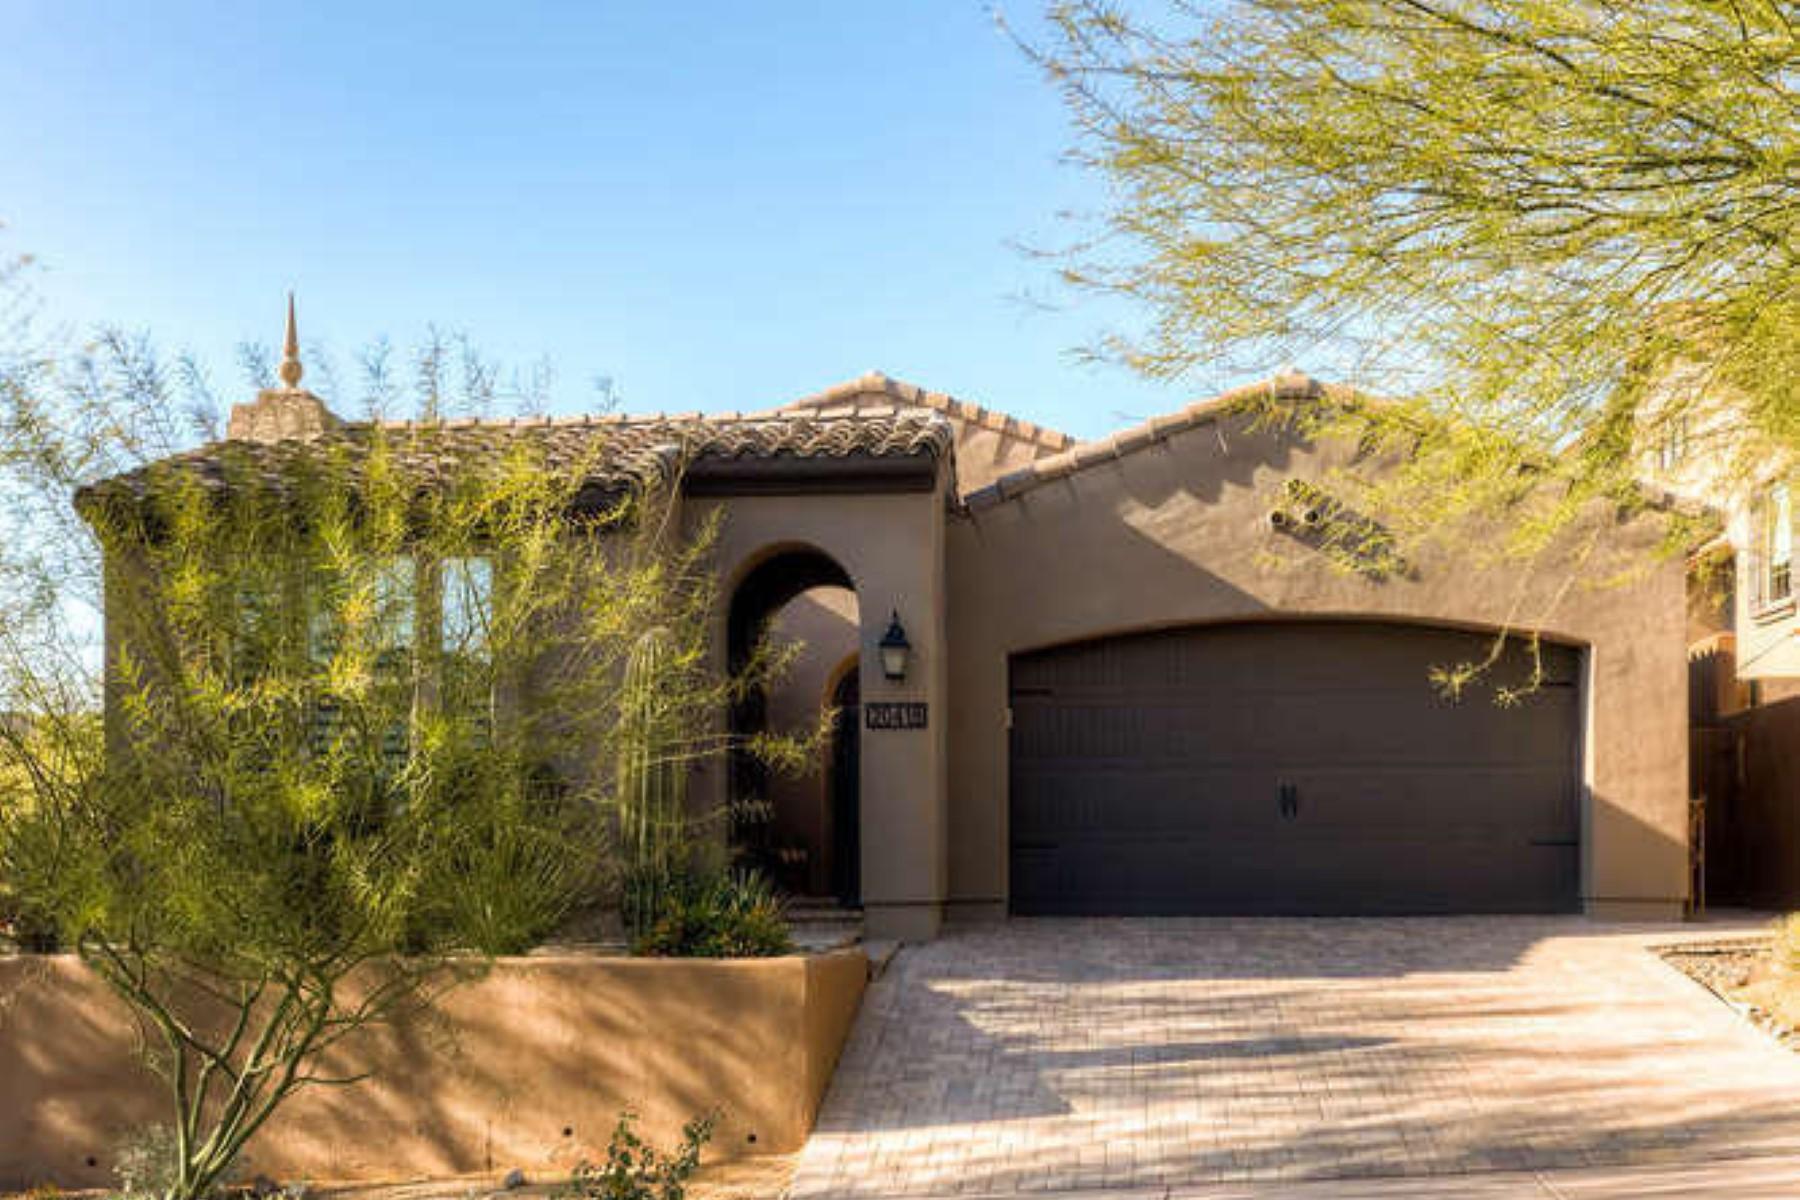 단독 가정 주택 용 매매 에 The perfect sophisticated lock-and-leave home 20418 N 98th Pl Scottsdale, 아리조나 85255 미국